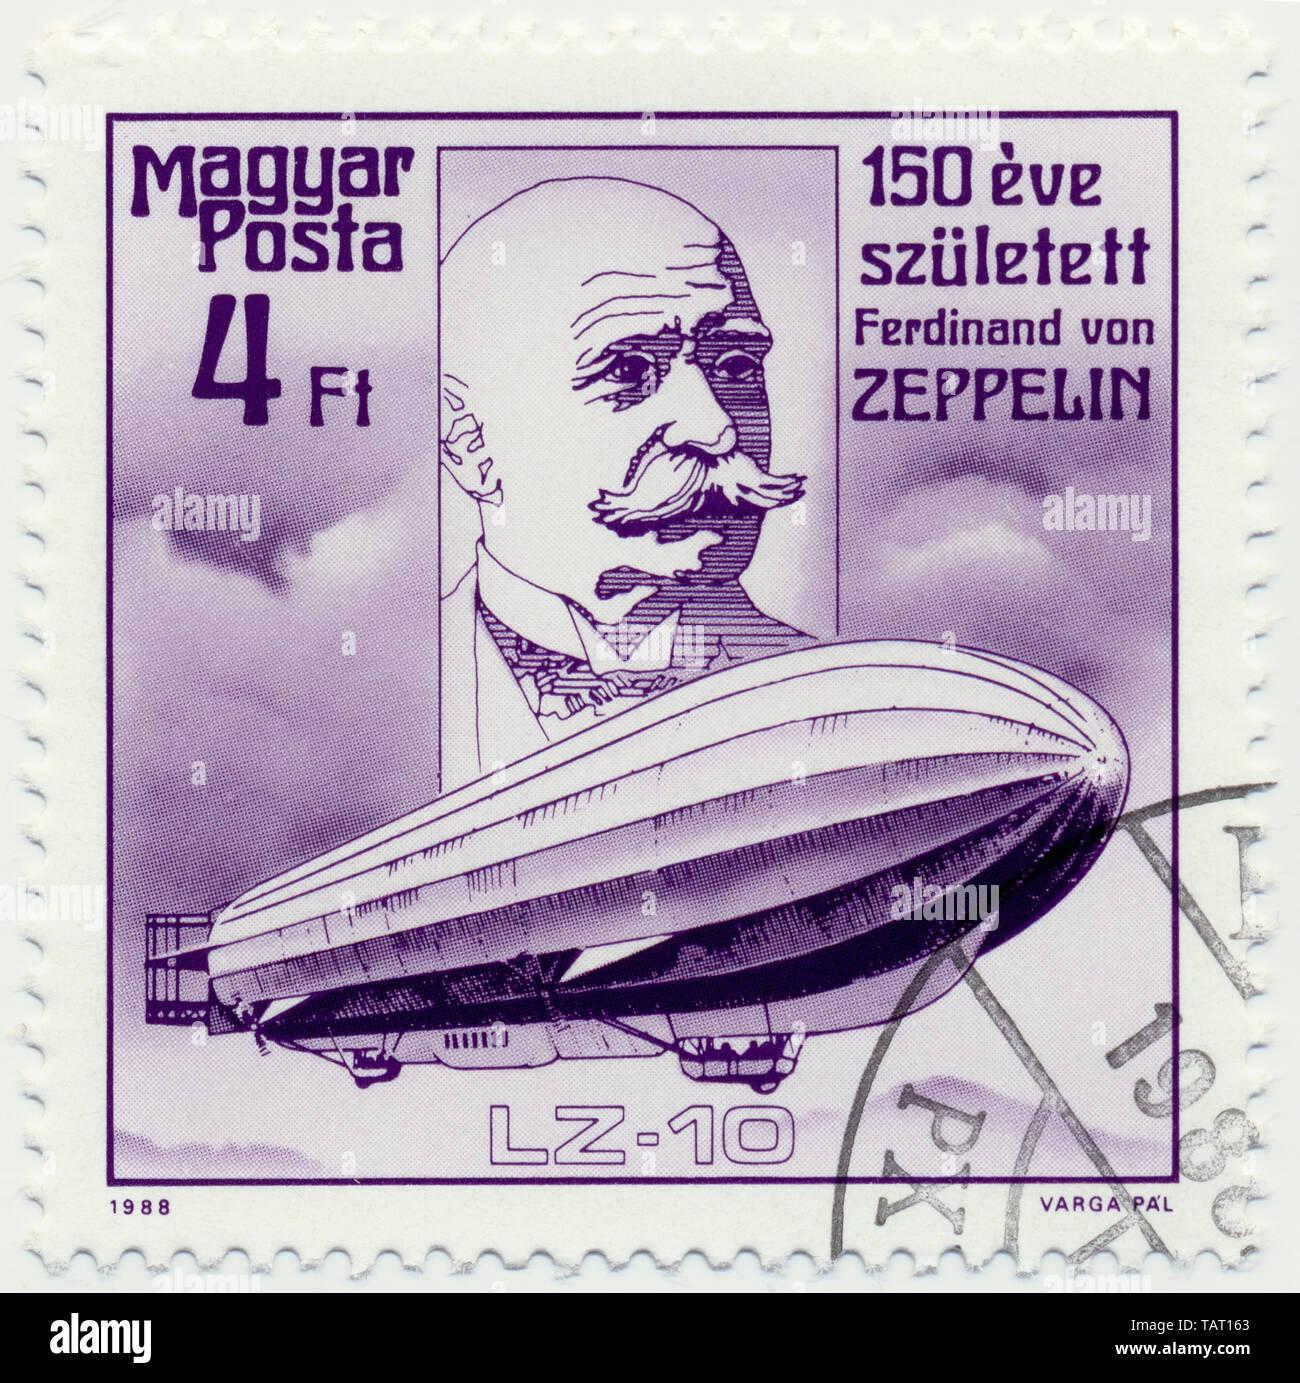 Historic postage stamps from Hungary, Historische Briefmarke, Ferdinand  Graf von Zeppelin, 1988, Ungarn, Europa Stock Photo